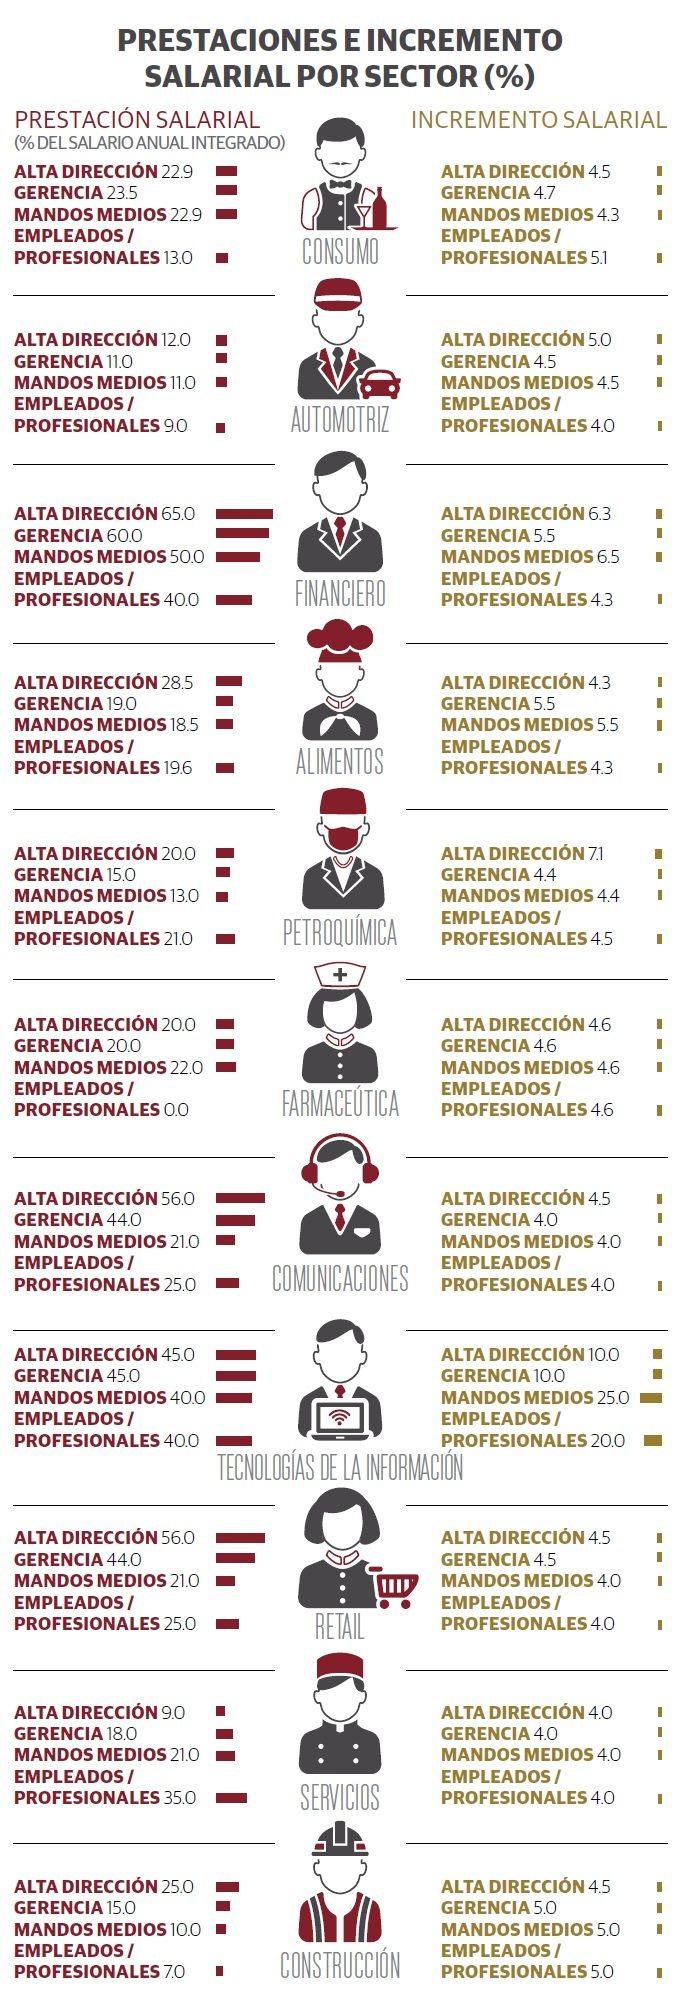 grafico2_sueldos_prestaciones